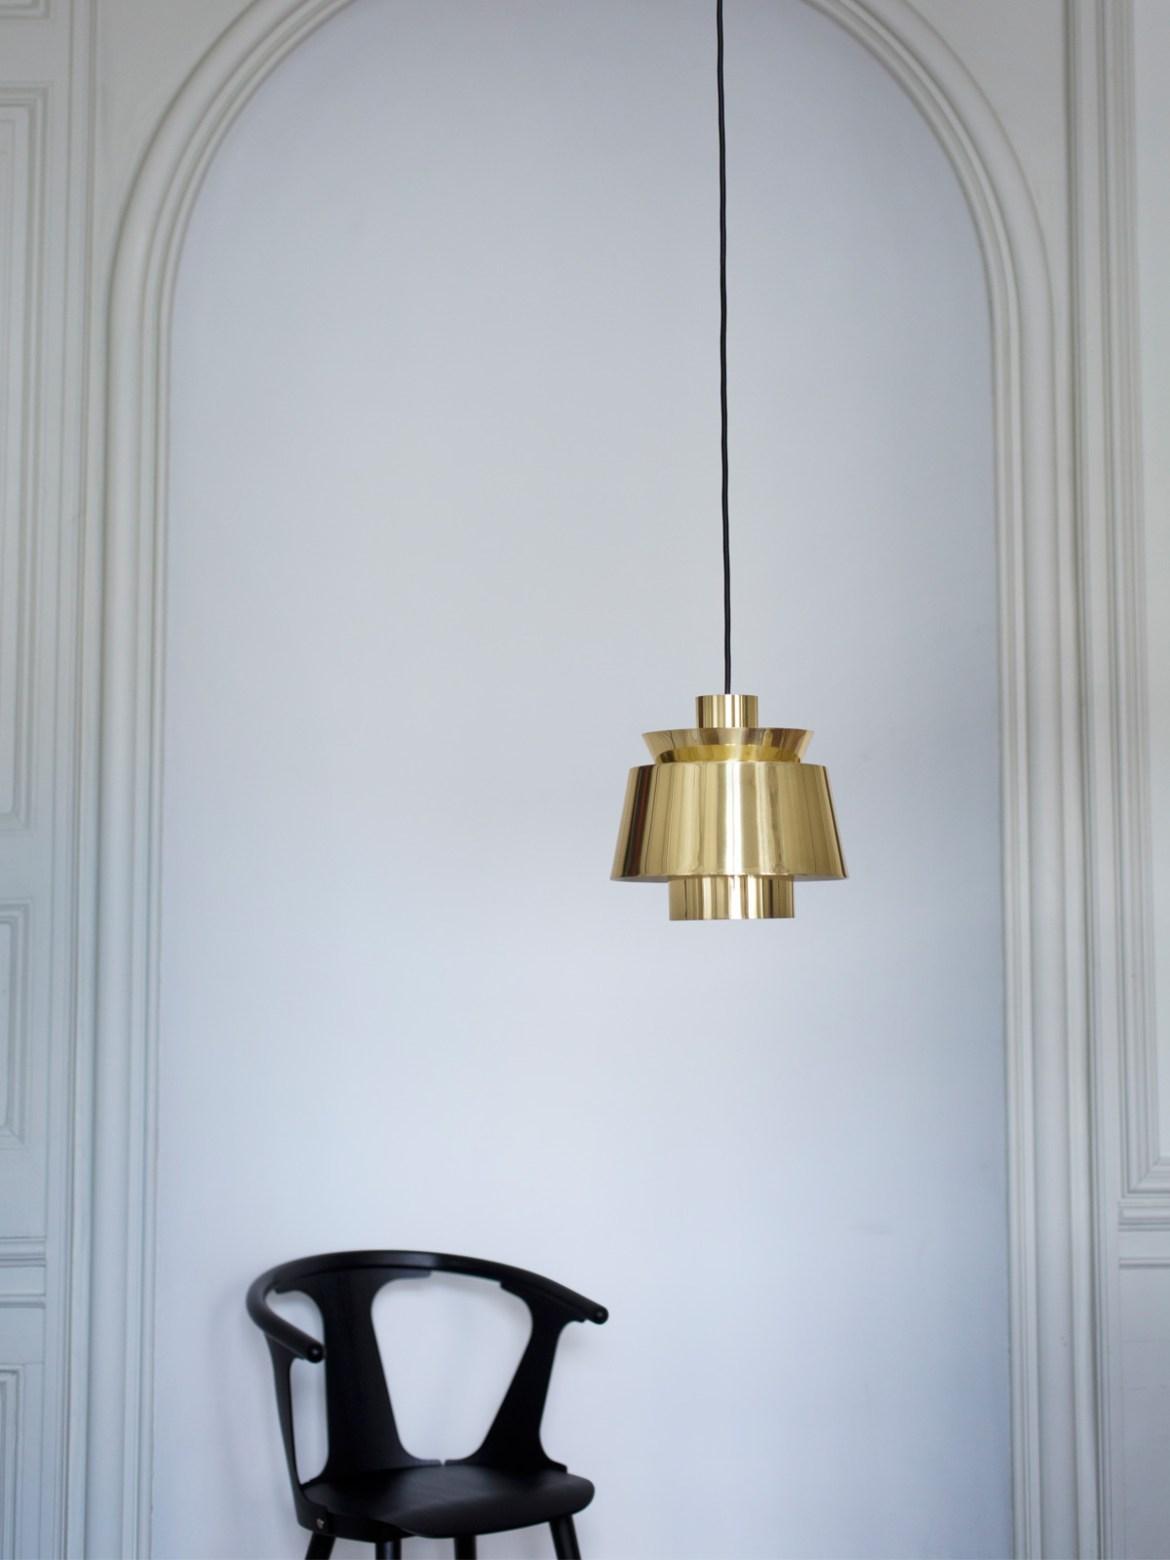 DesignOrt Blog: Messingleuchten Utzon &tradition Leuchte